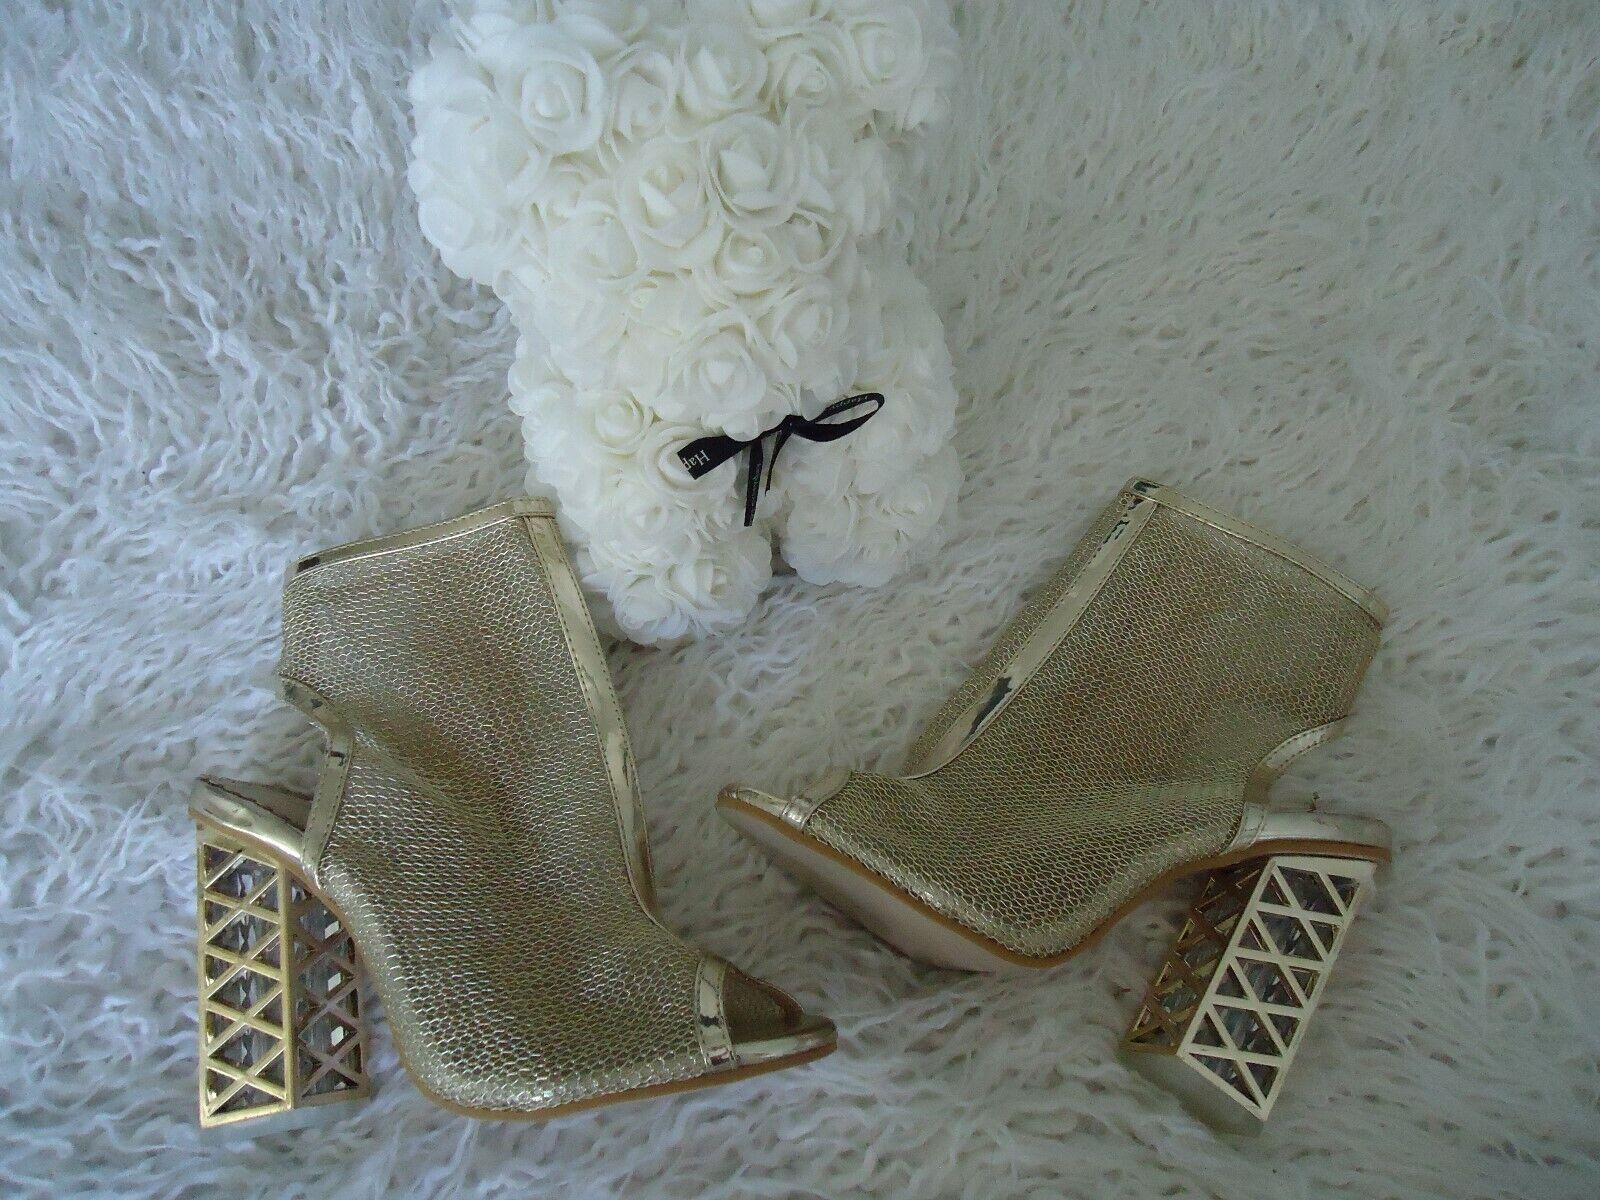 Women's shoes  Super Cute gold Heel Excellent Condition Size 8.5M